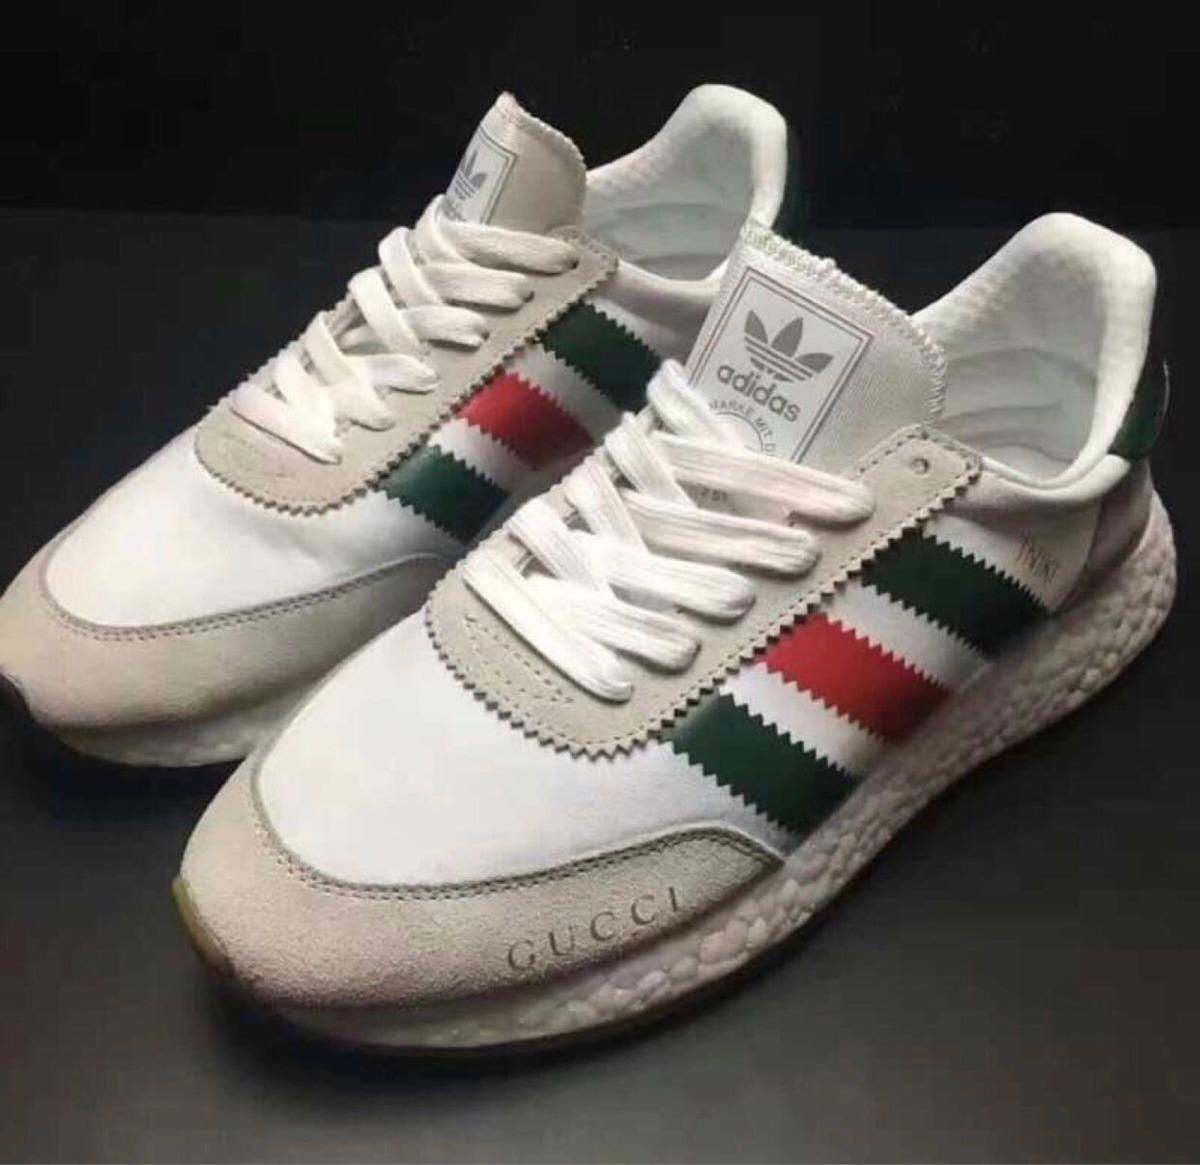 tênis adidas iniki x gucci branco original promoção. Carregando zoom. bf693d85e7b